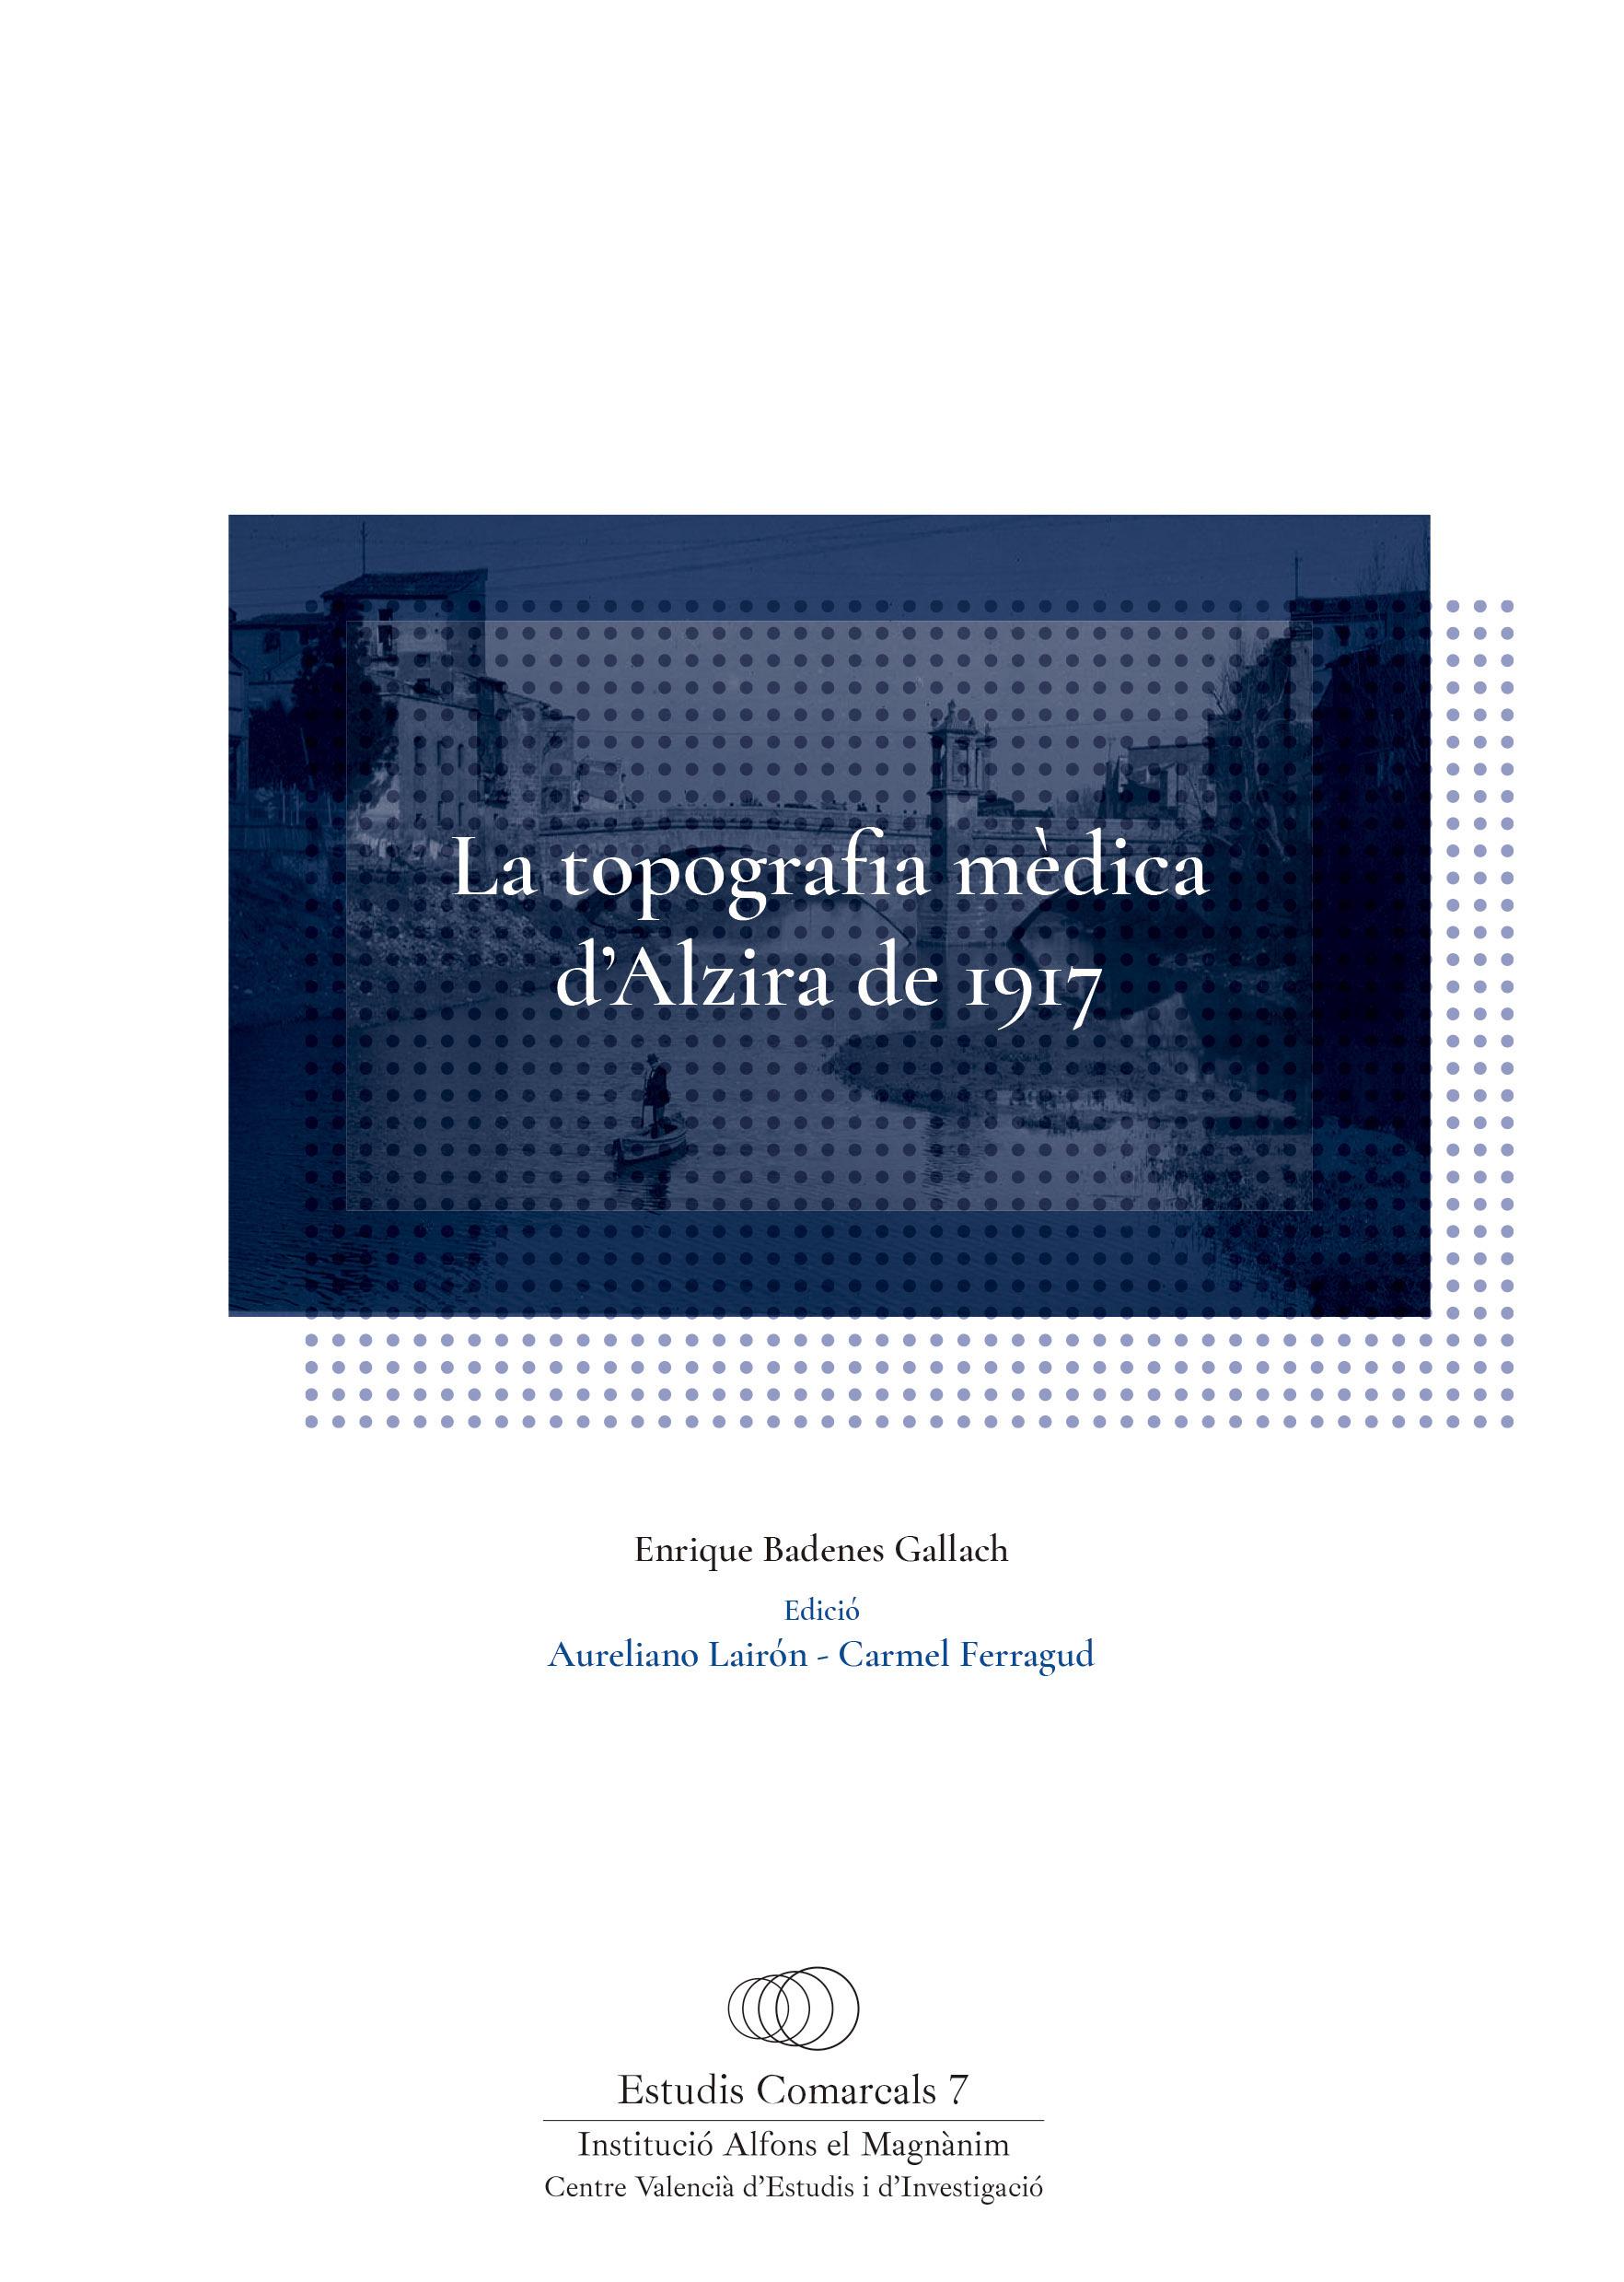 Portada del libro «La topografia mèdica d'Alzira de 1917», de Enrique Badenes.